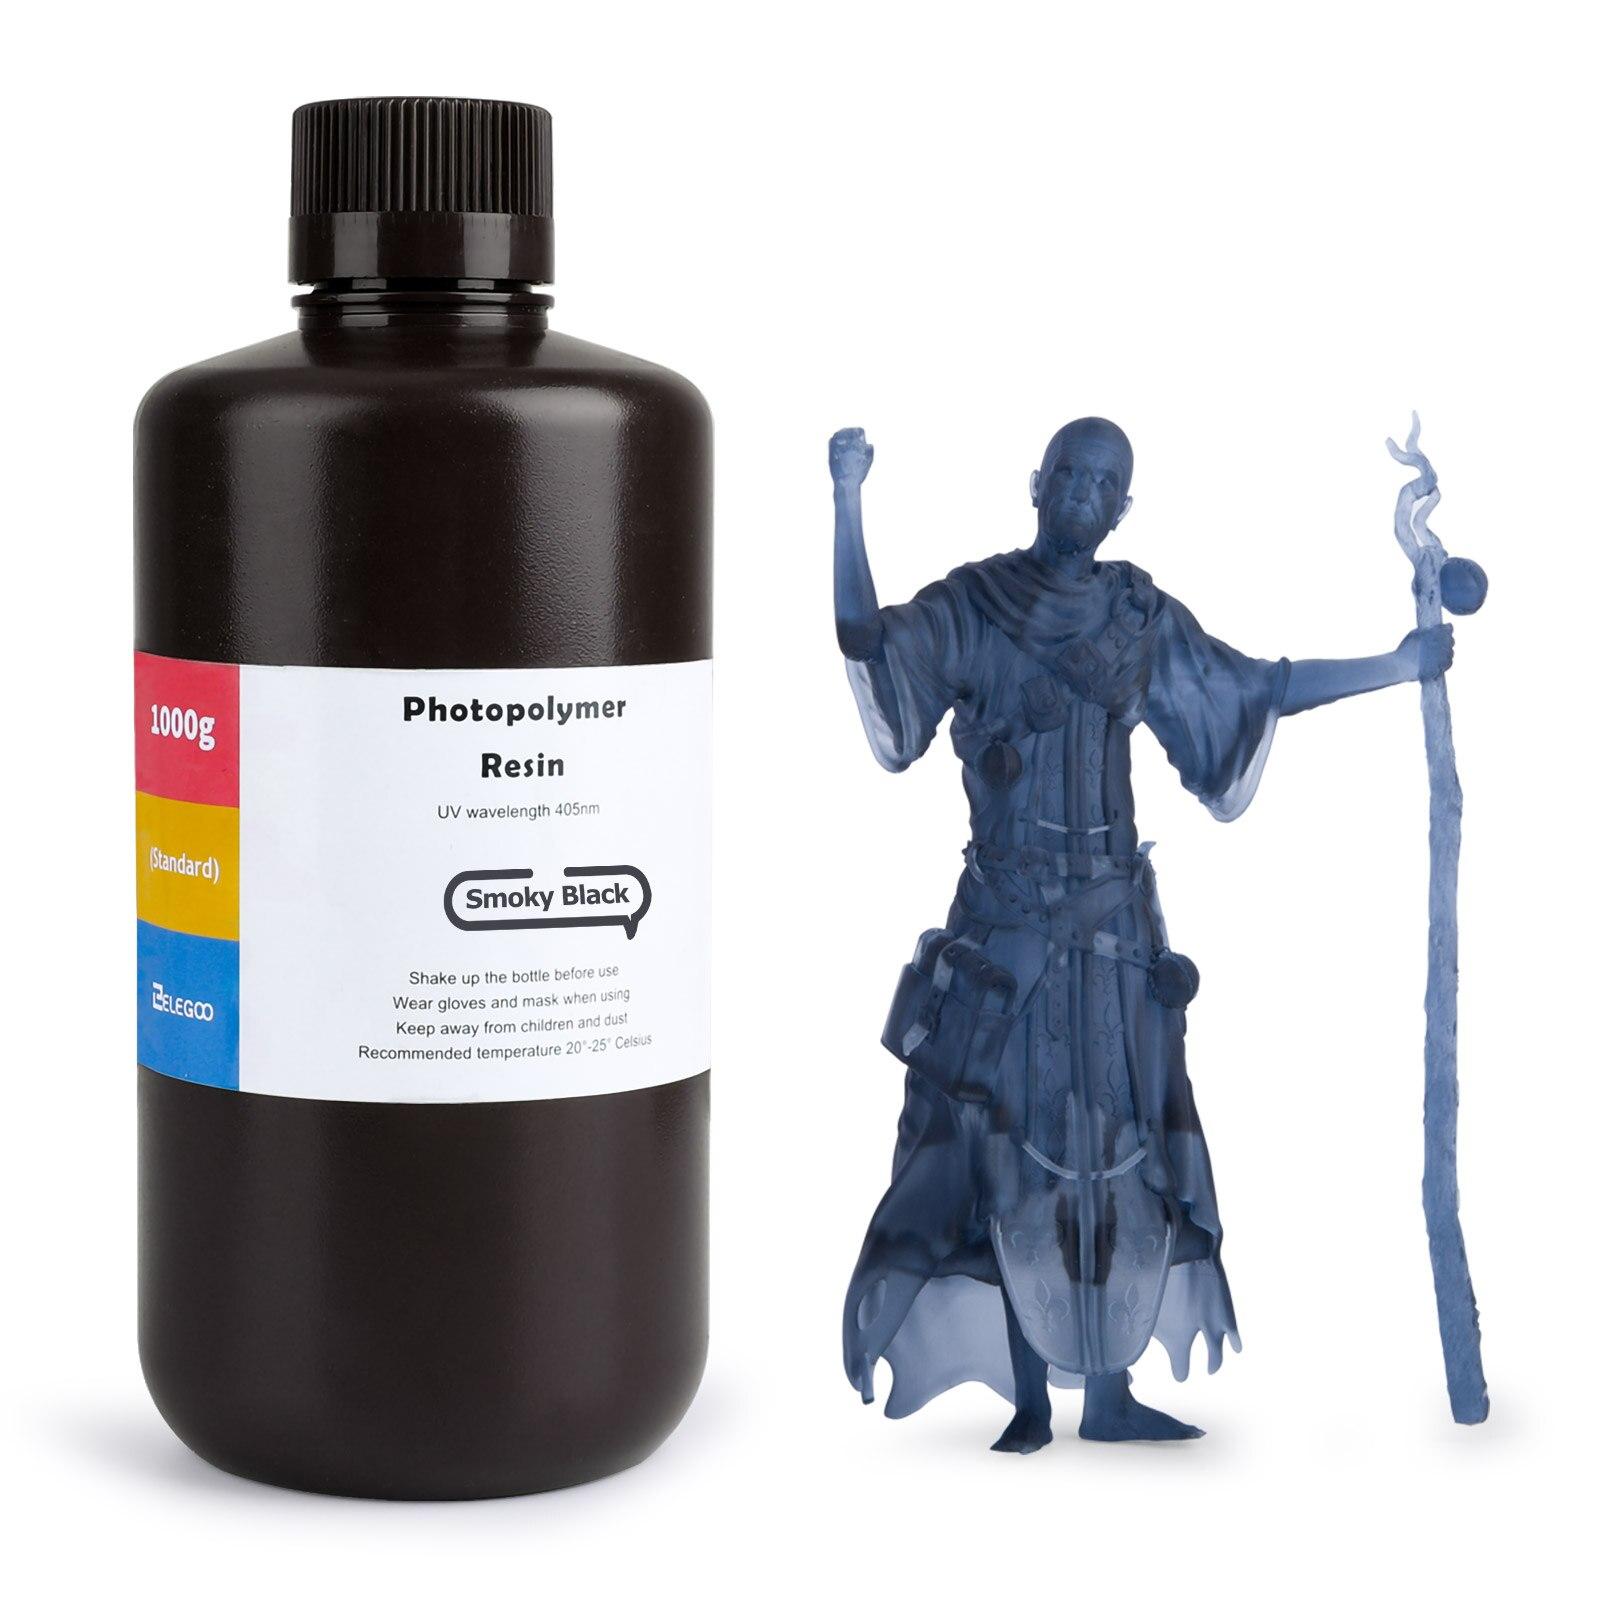 Смола ELEGOO для 3D принтера из АБС пластика, 405 нм, УФ смола, стандартная Фотополимерная смола для ЖК 3D принтера, дымчато черный, 1000 мл Материалы для 3D-печати      АлиЭкспресс